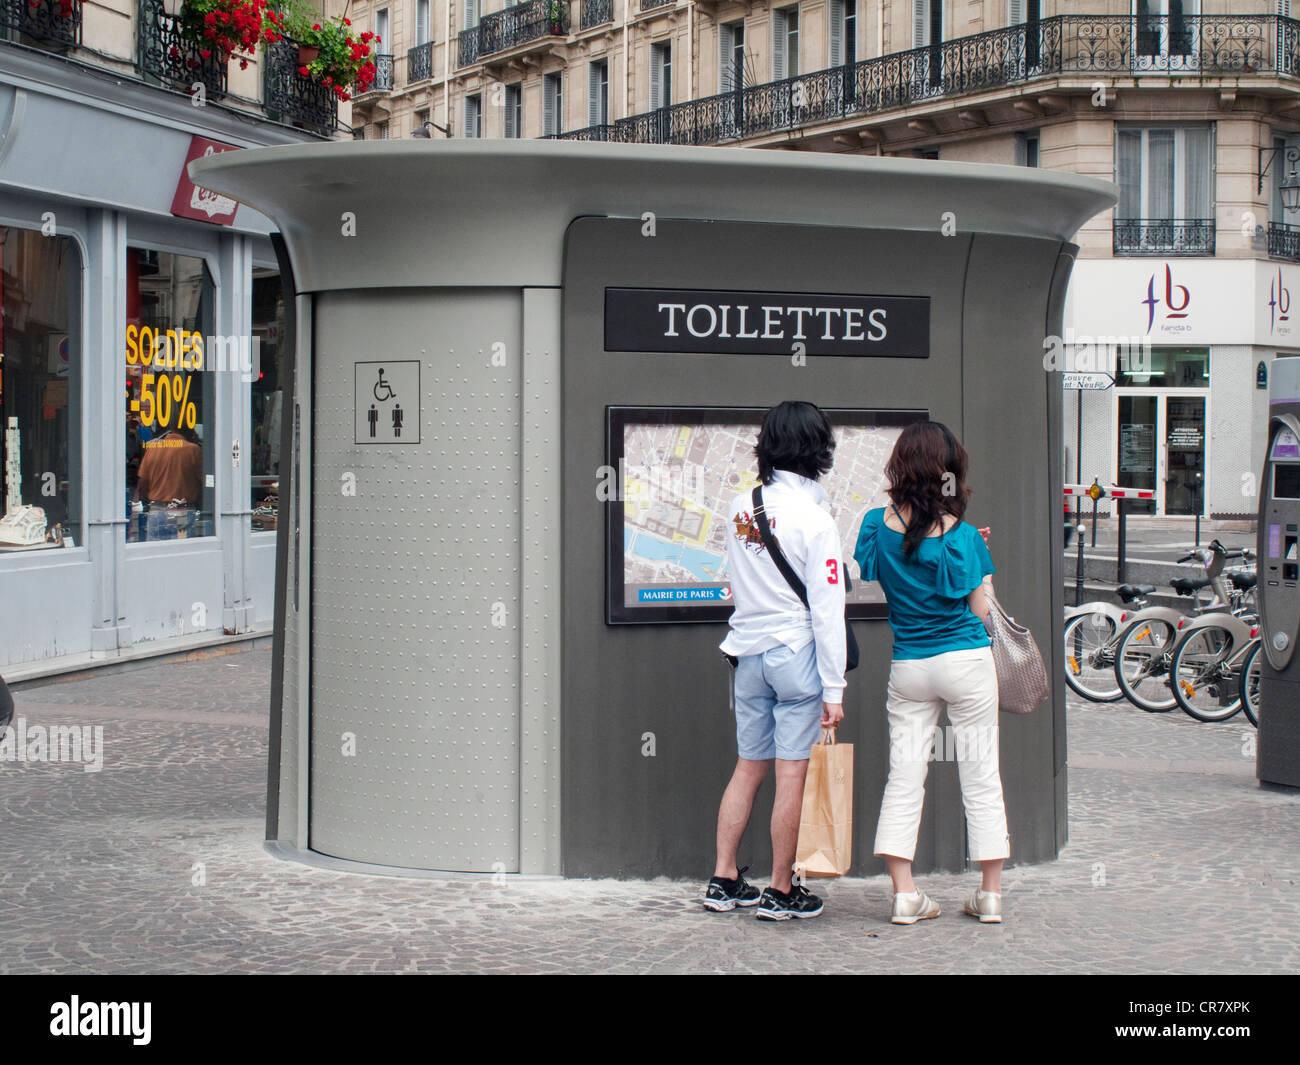 Francia, Paris, aseos públicos y pareja de turistas mirando un mapa del distrito de Les Halles. Imagen De Stock